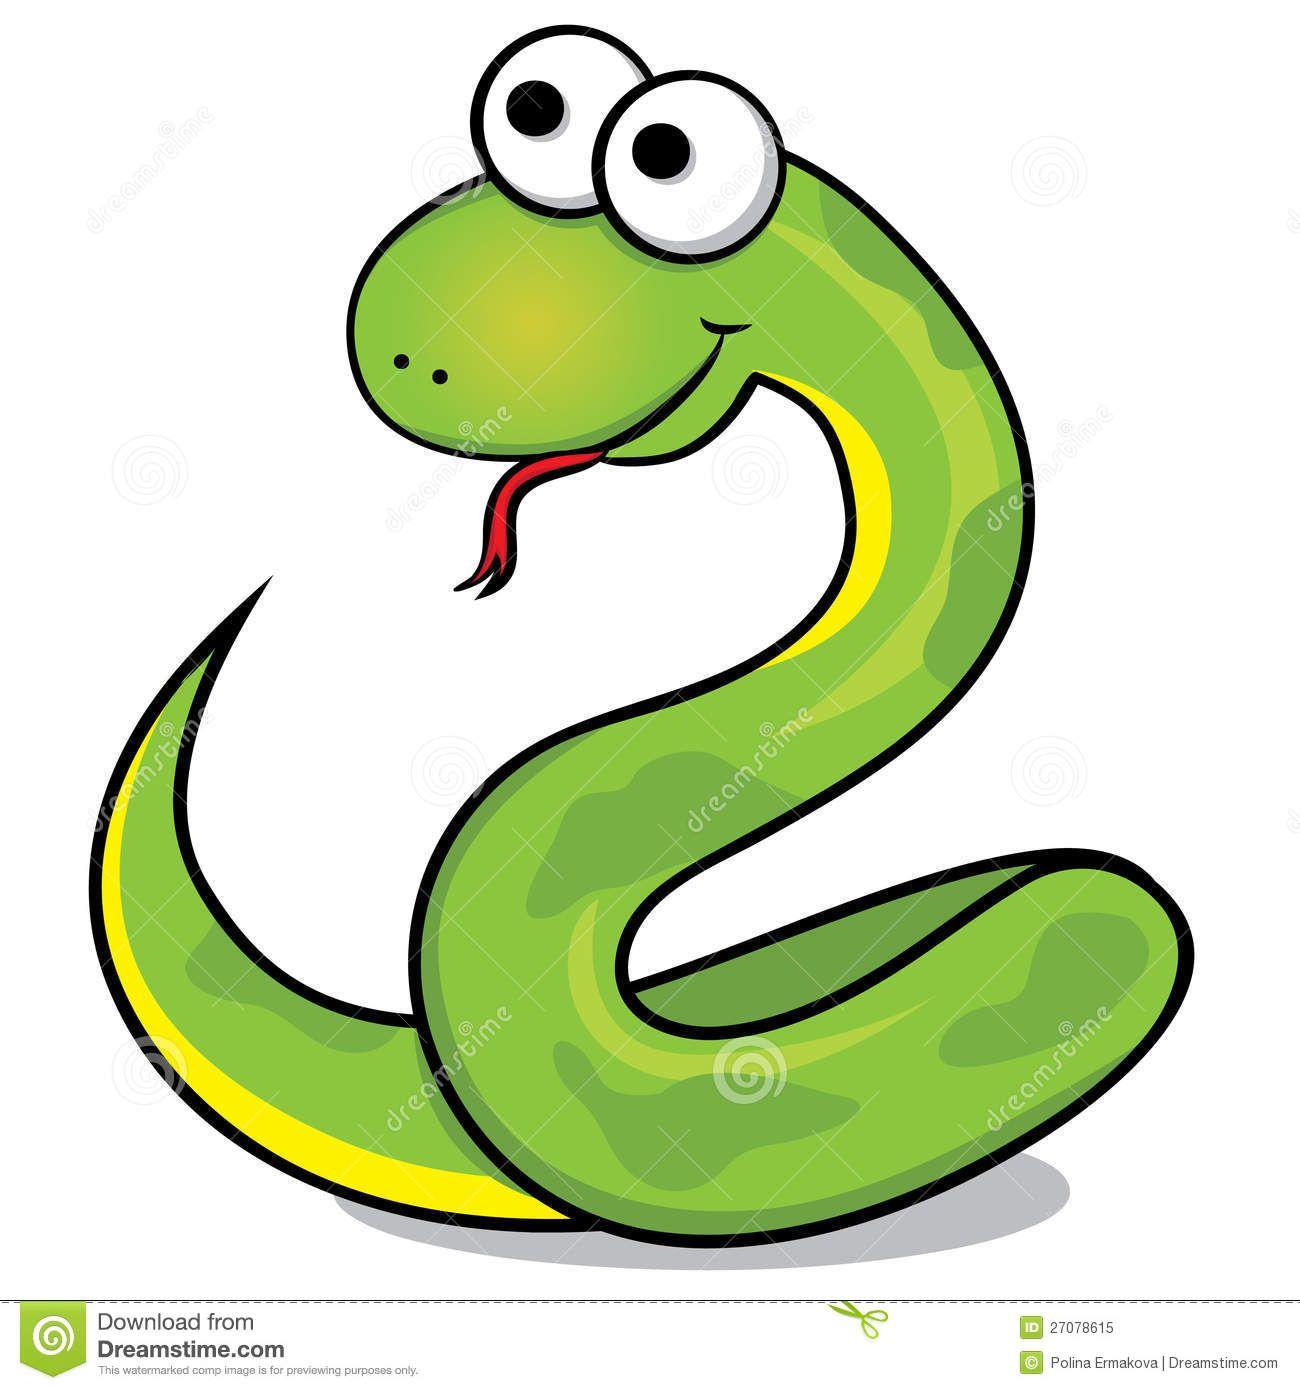 Anaconda Stock Illustrations, Vectors, & Clipart.